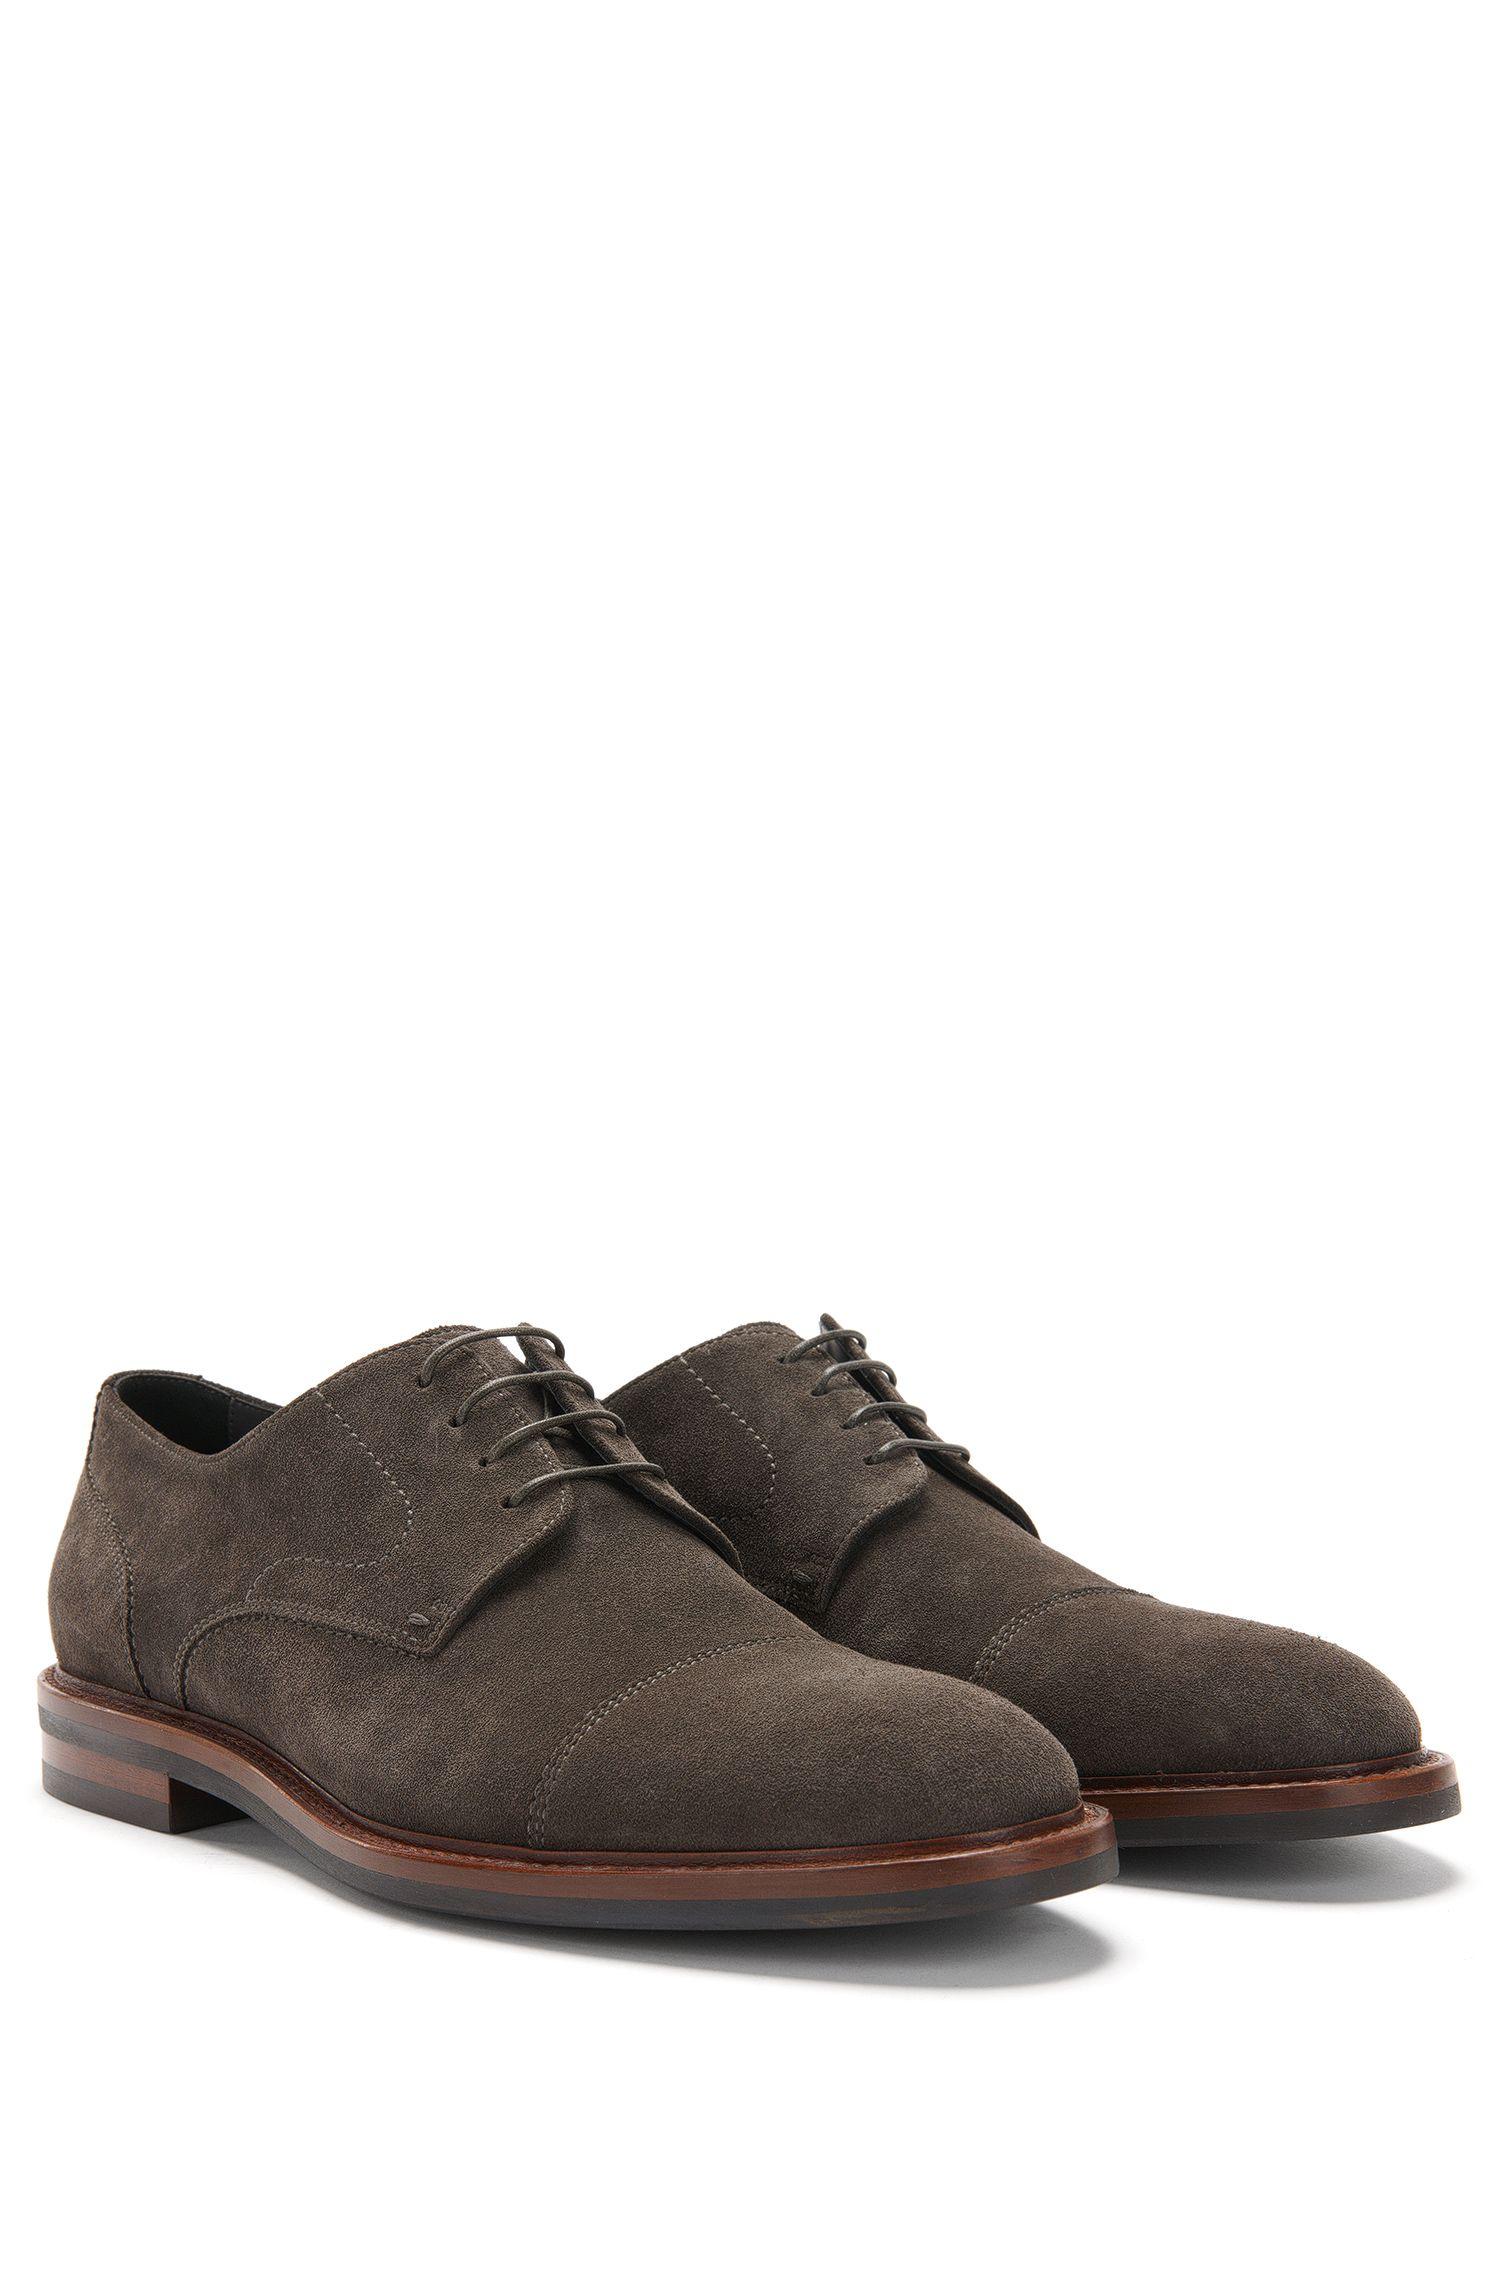 'Ocean Derb Sdct' | Calfskin Suede Derby Shoes